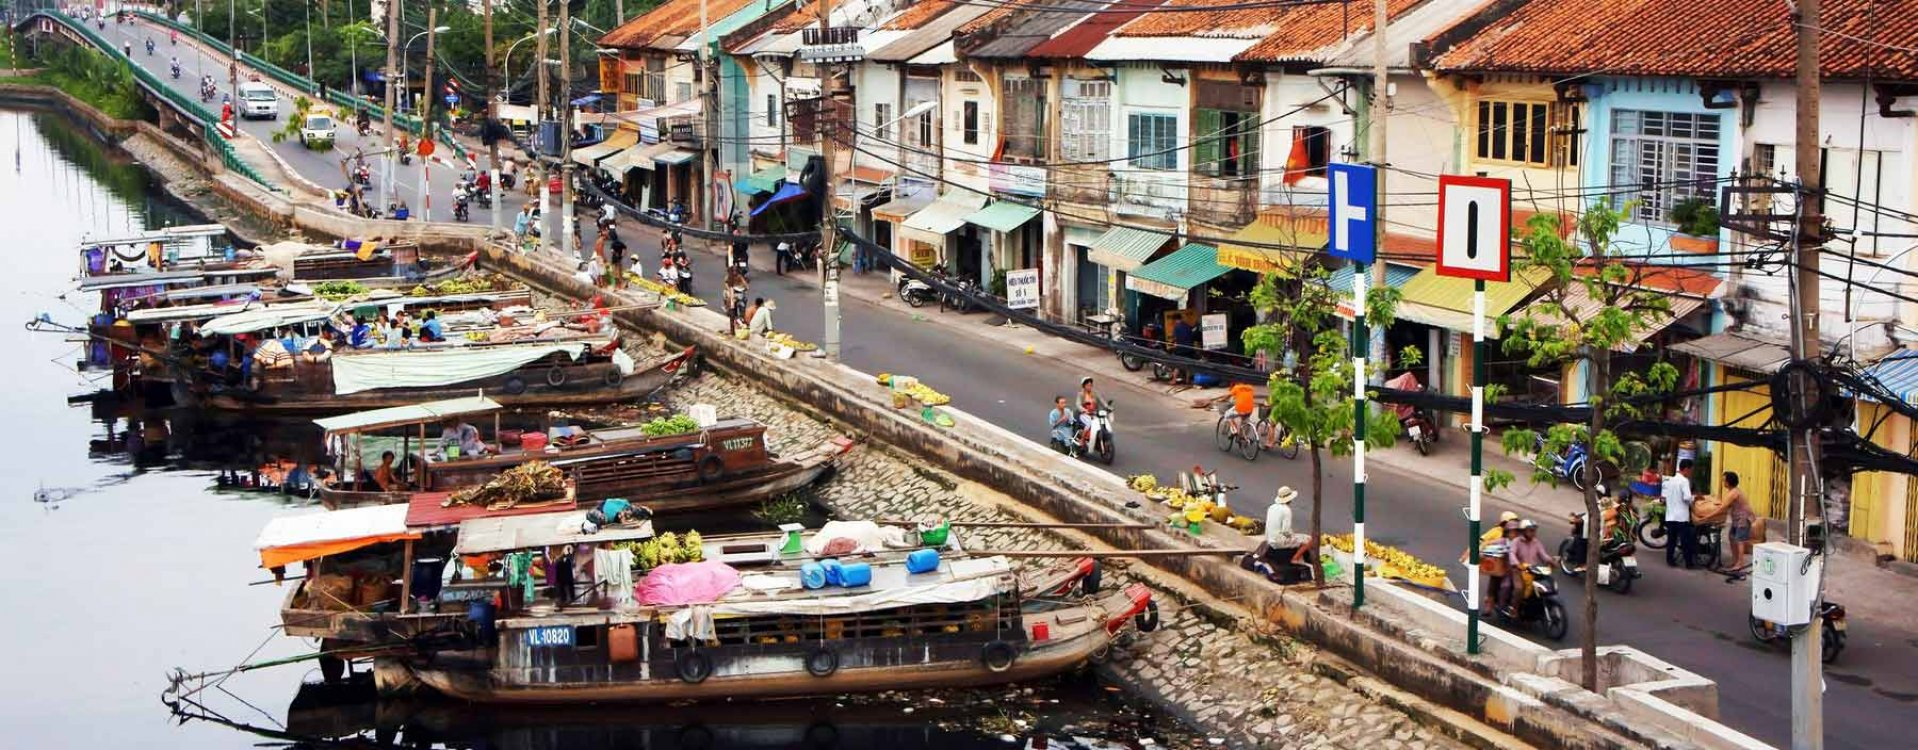 Riverside, Ho Chi Minh City